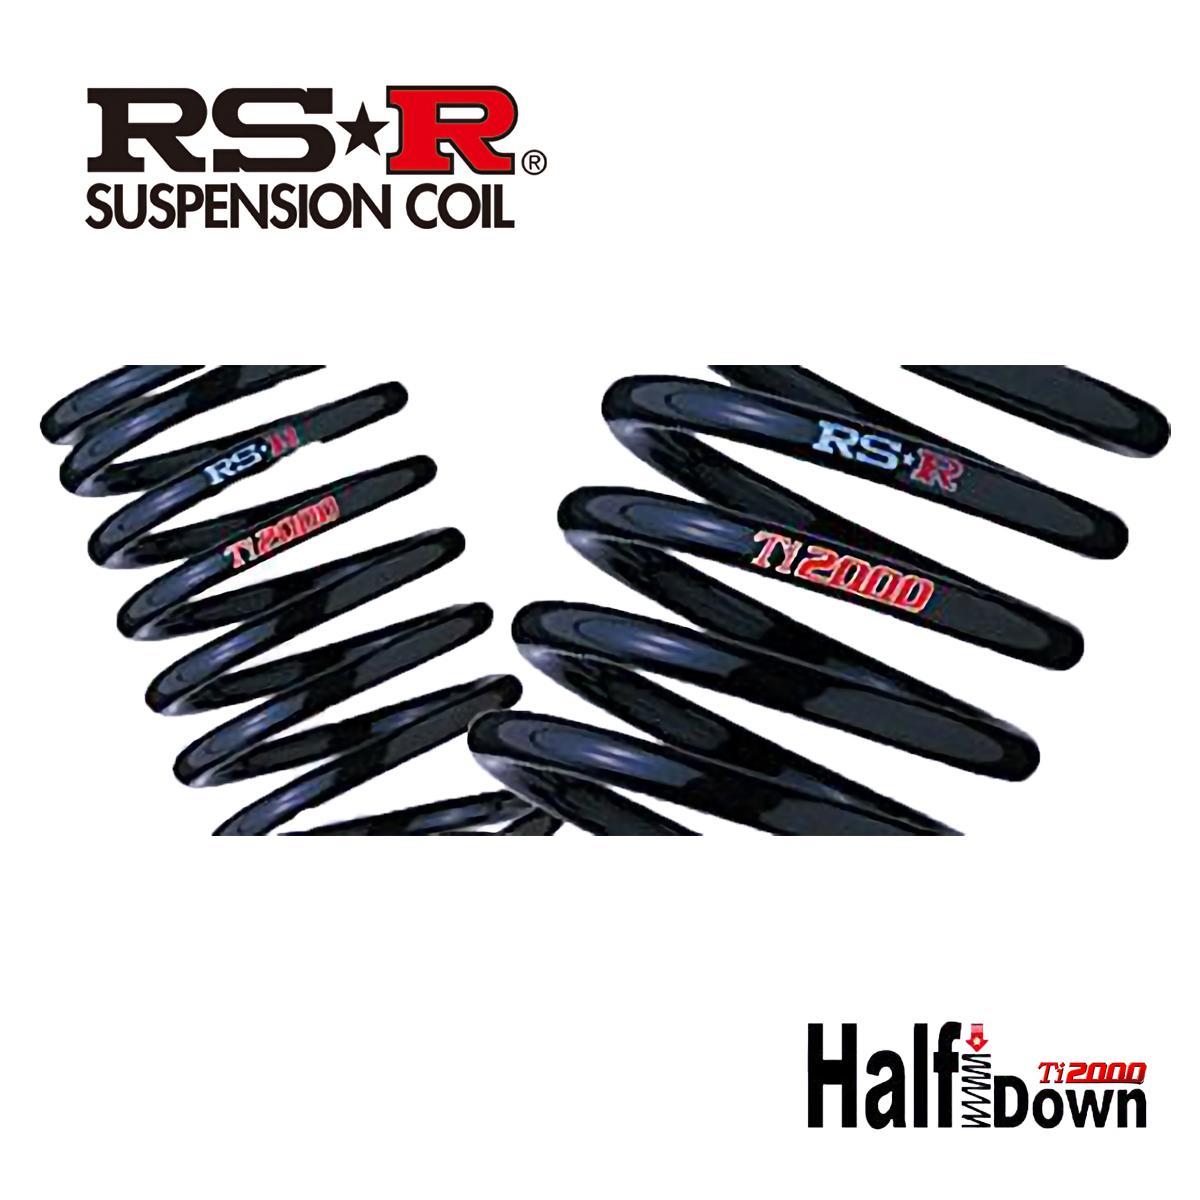 RS-R ワゴンR ハイブリッドFZ MH55S ダウンサス スプリング リア S174THDR Ti2000 ハーフダウン RSR 個人宅発送追金有